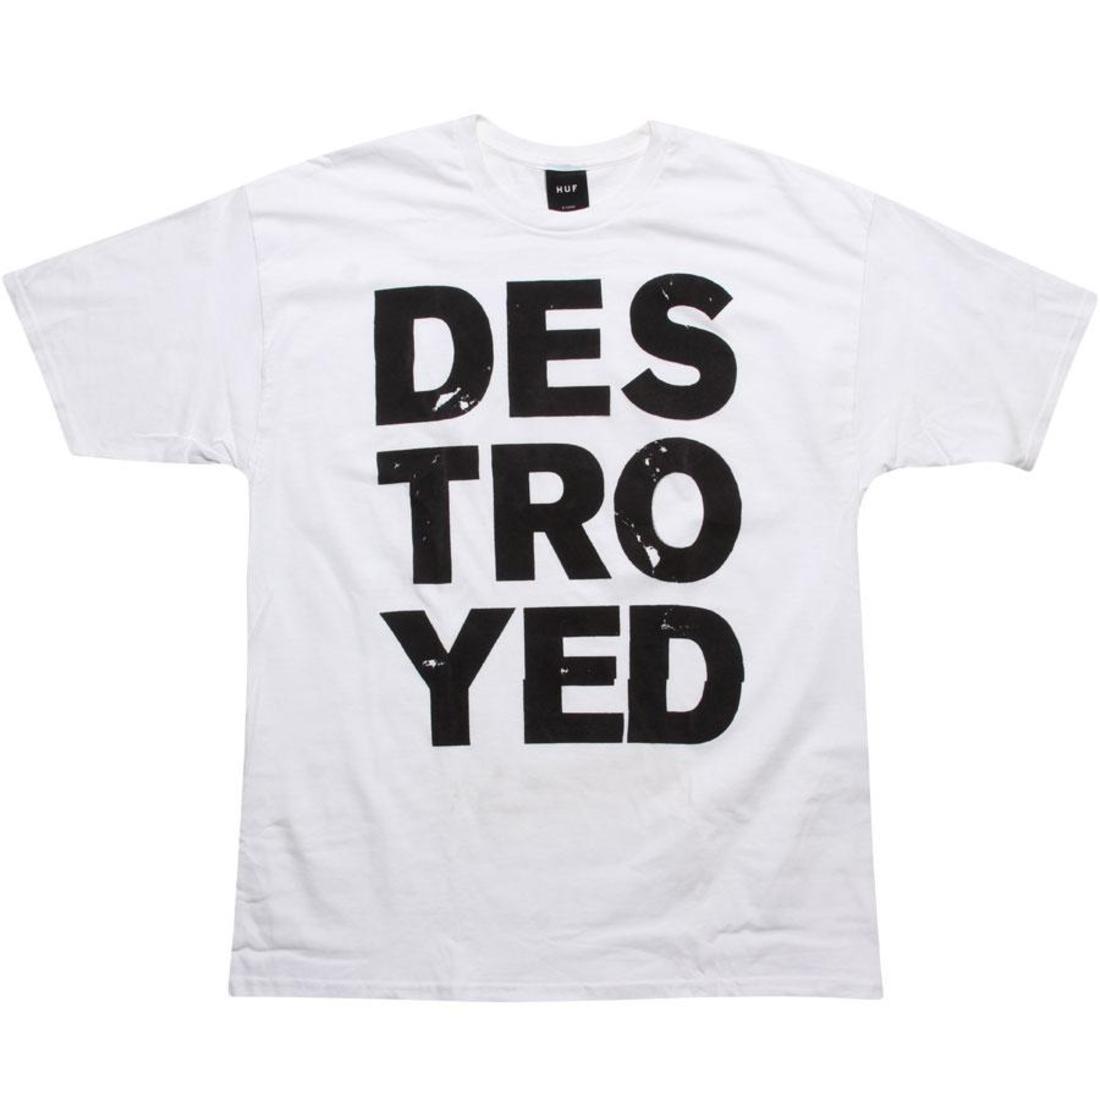 ハフ Tシャツ 白 ホワイト 【 HUF WHITE DESTROYED TEE 】 メンズファッション トップス Tシャツ カットソー